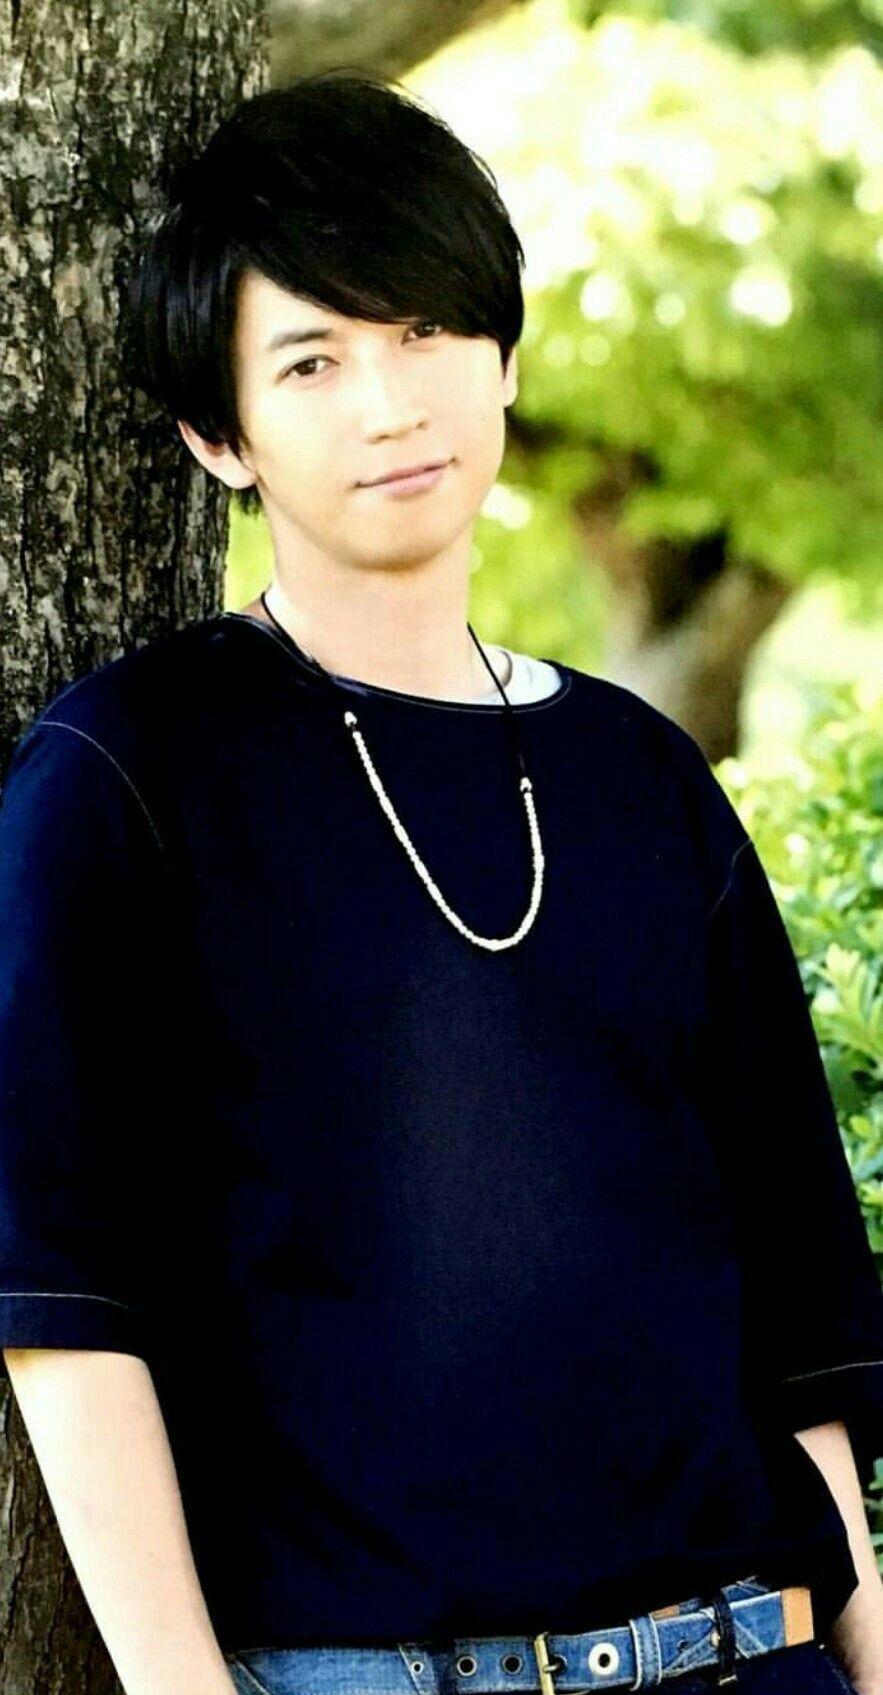 関ジャニ∞の画像 p1_9